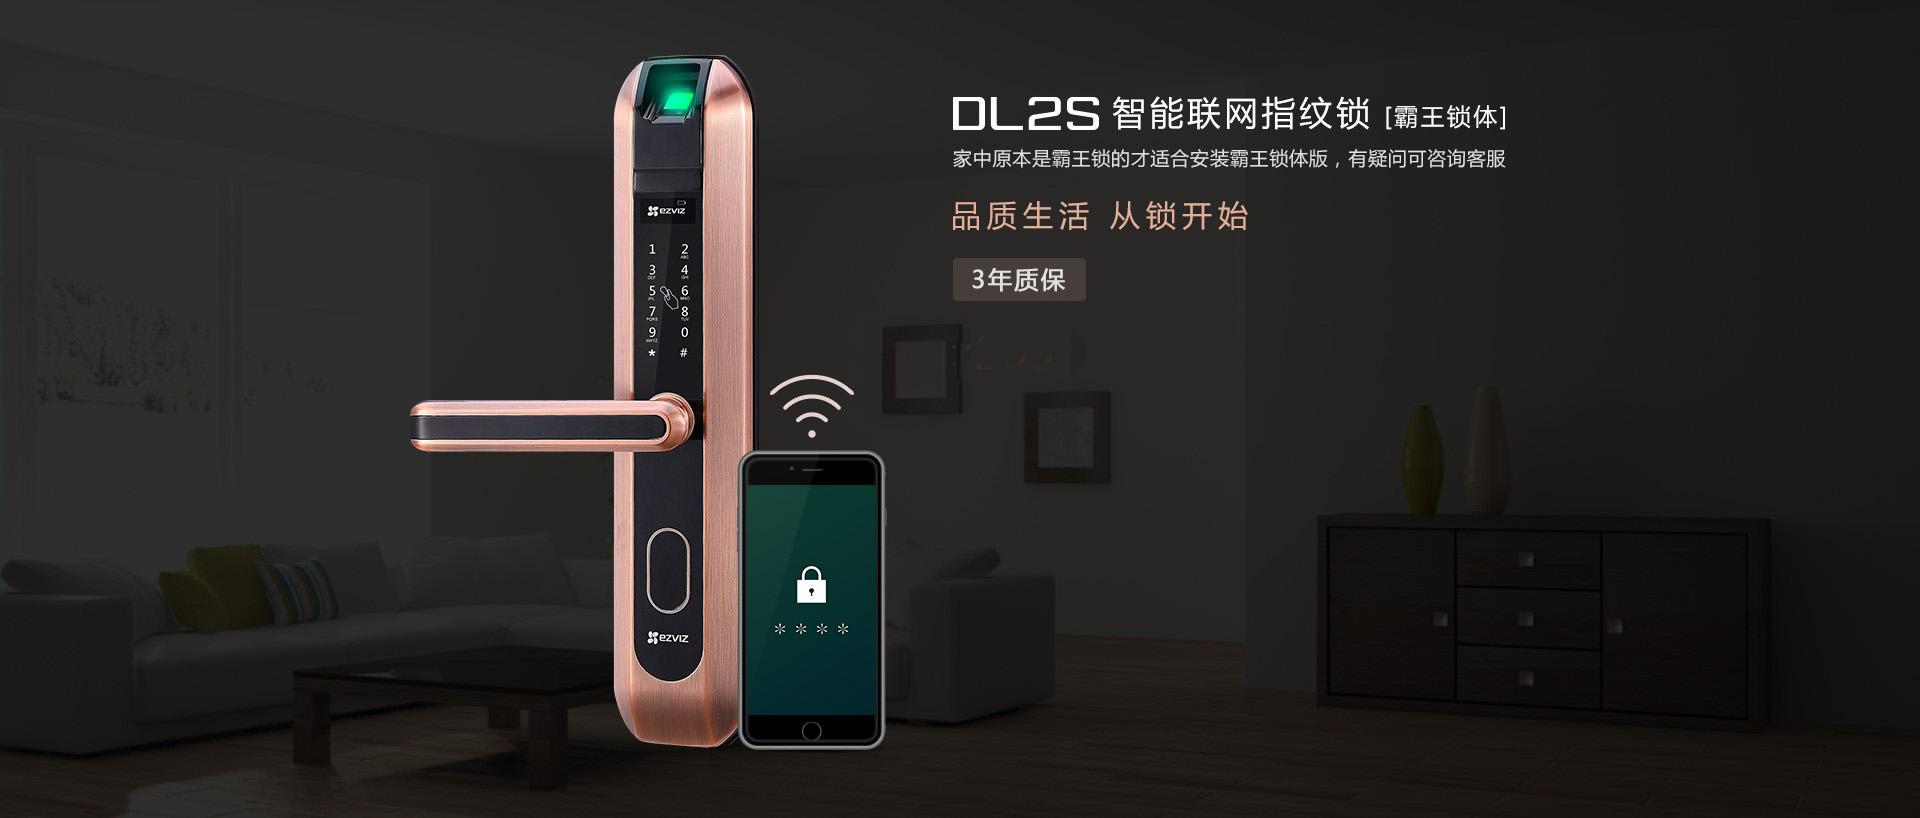 DLSs霸王鎖體首屏_更新.jpg